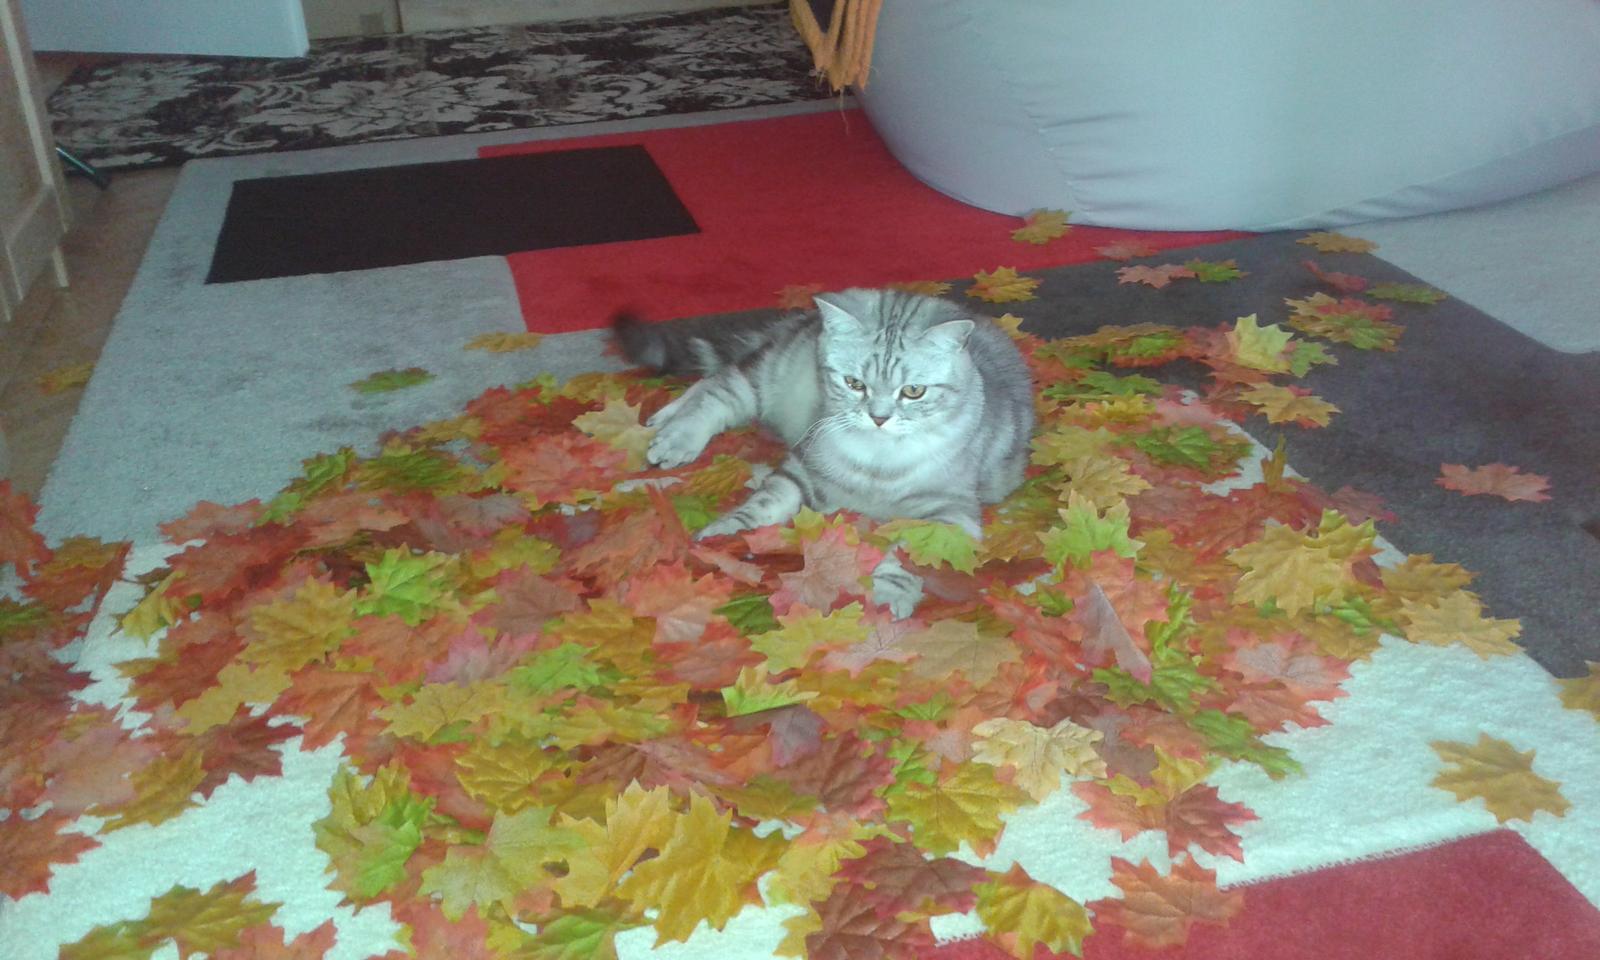 Co uz mame .. :-) - Jesen priamo v obyvačke.. listy sa porozsypaju po stole okolo vaz ..:D